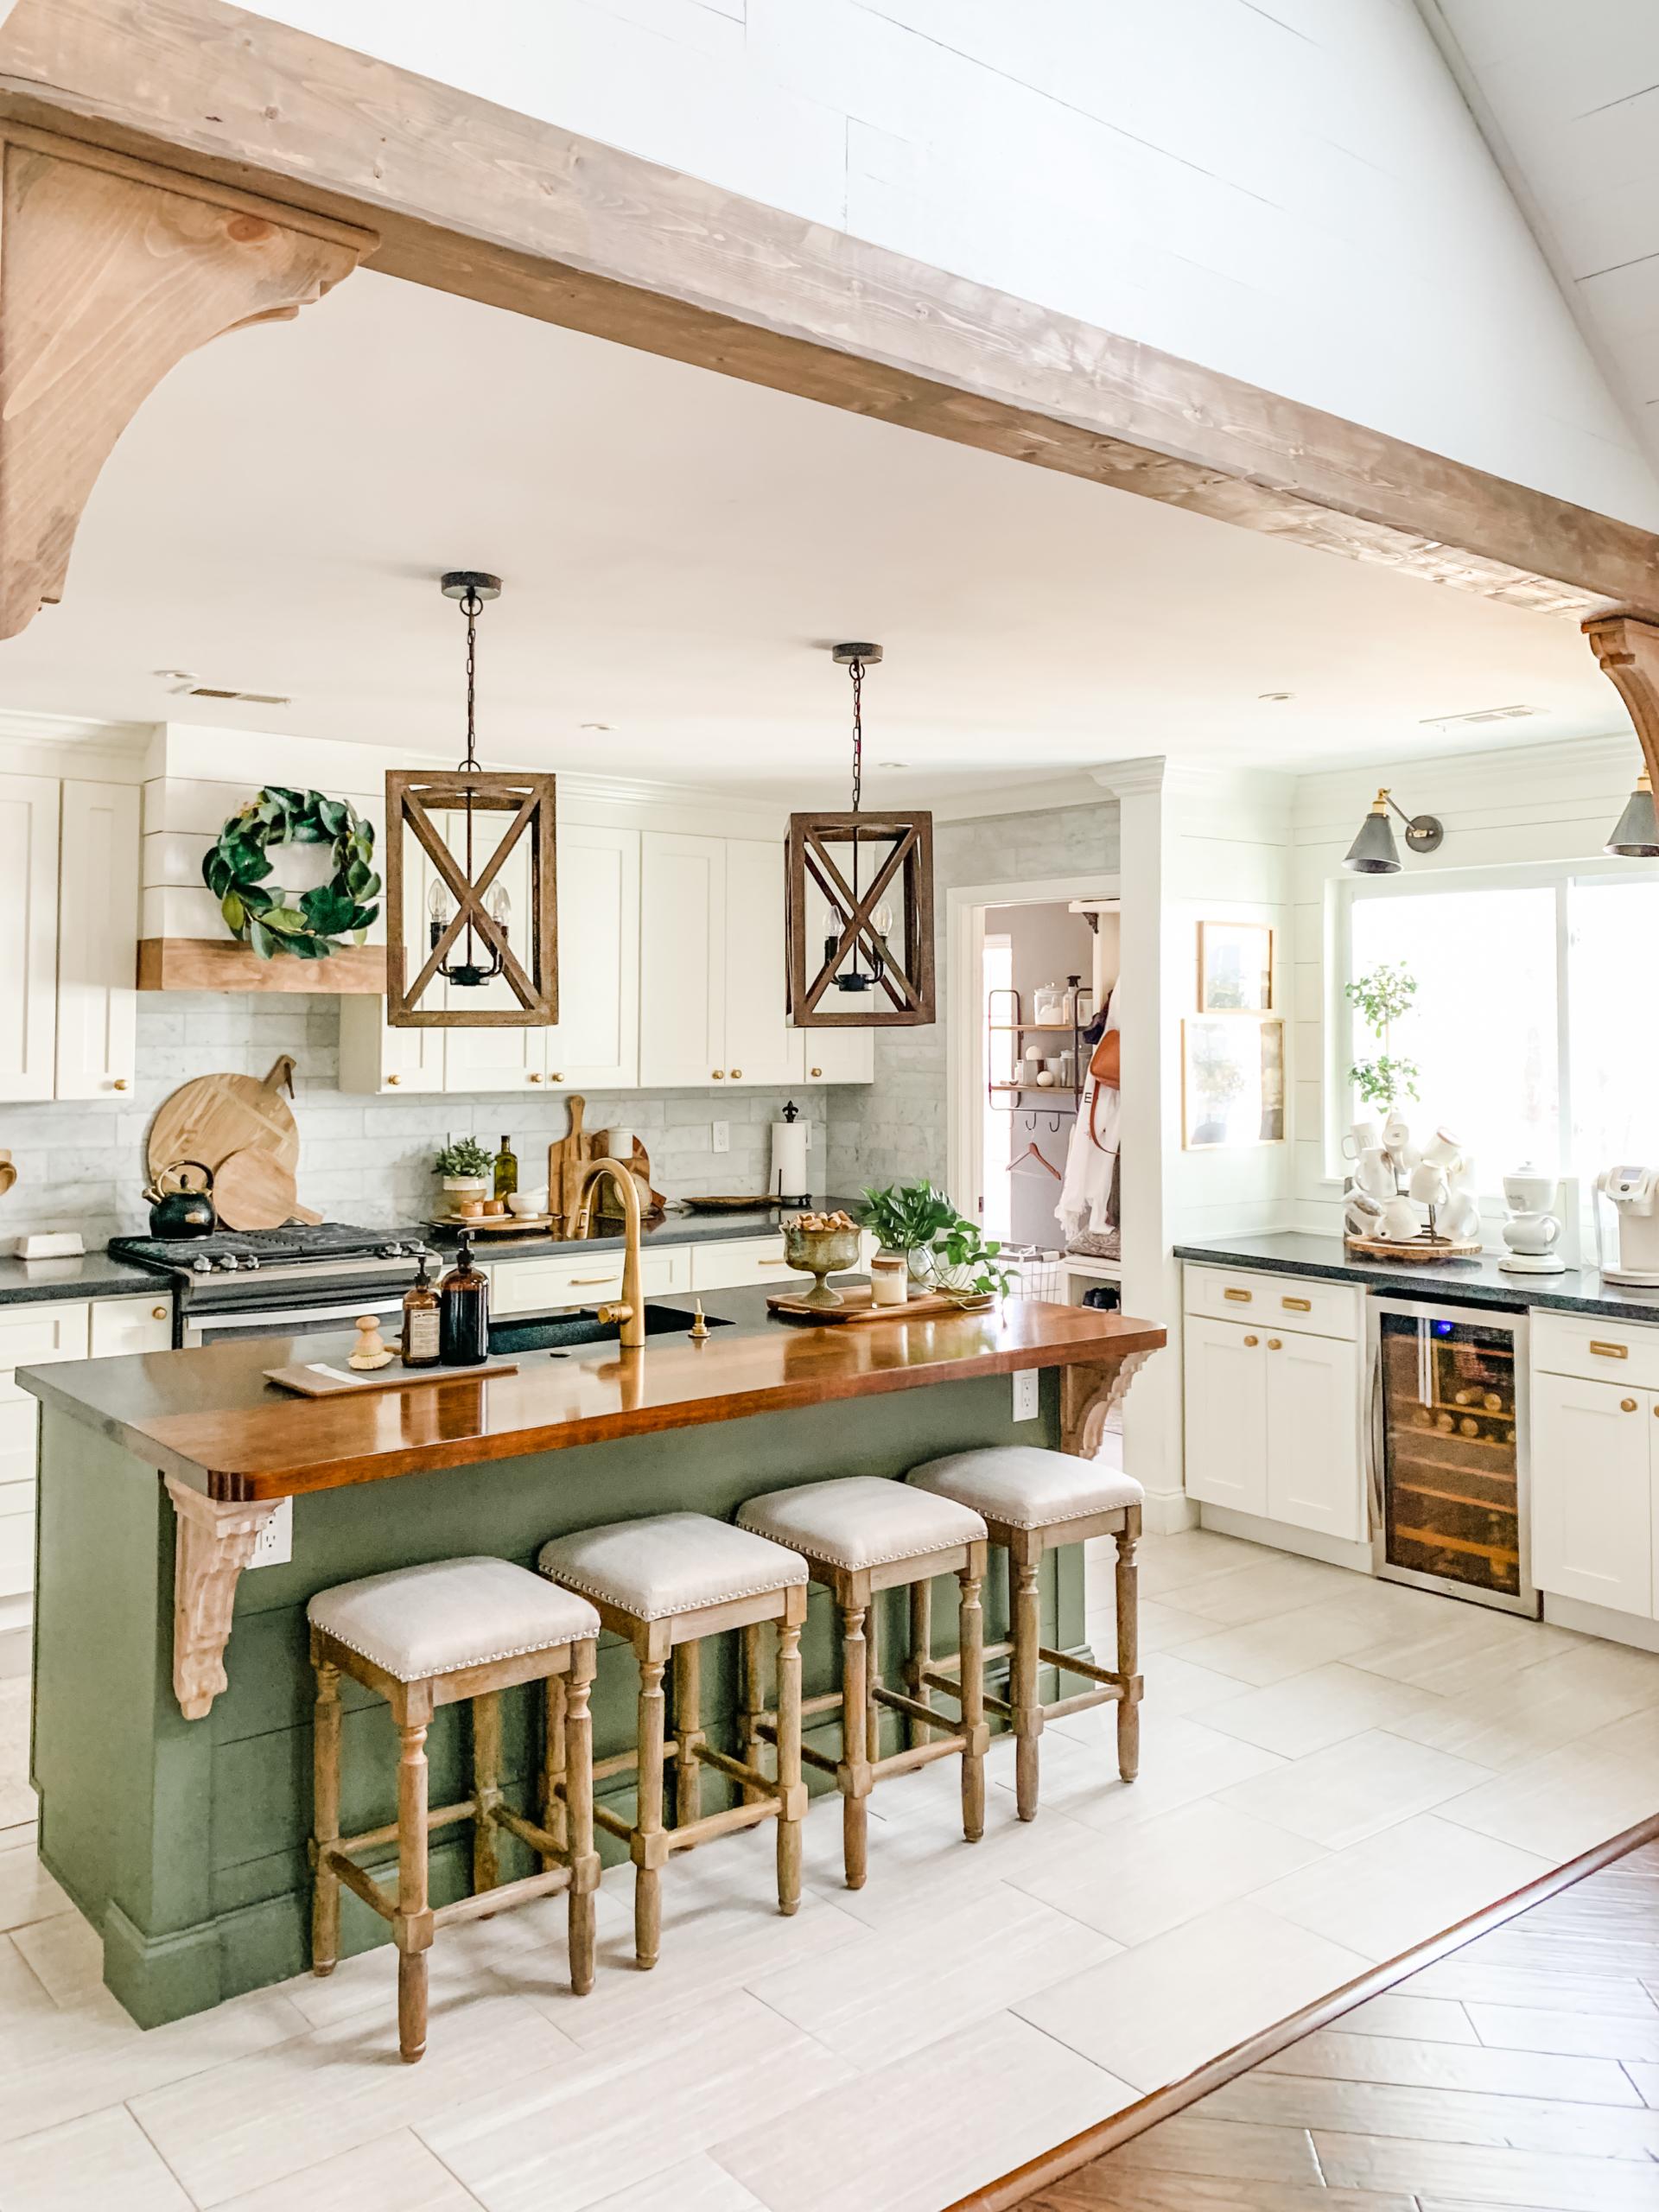 diy kitchen beam tutorial